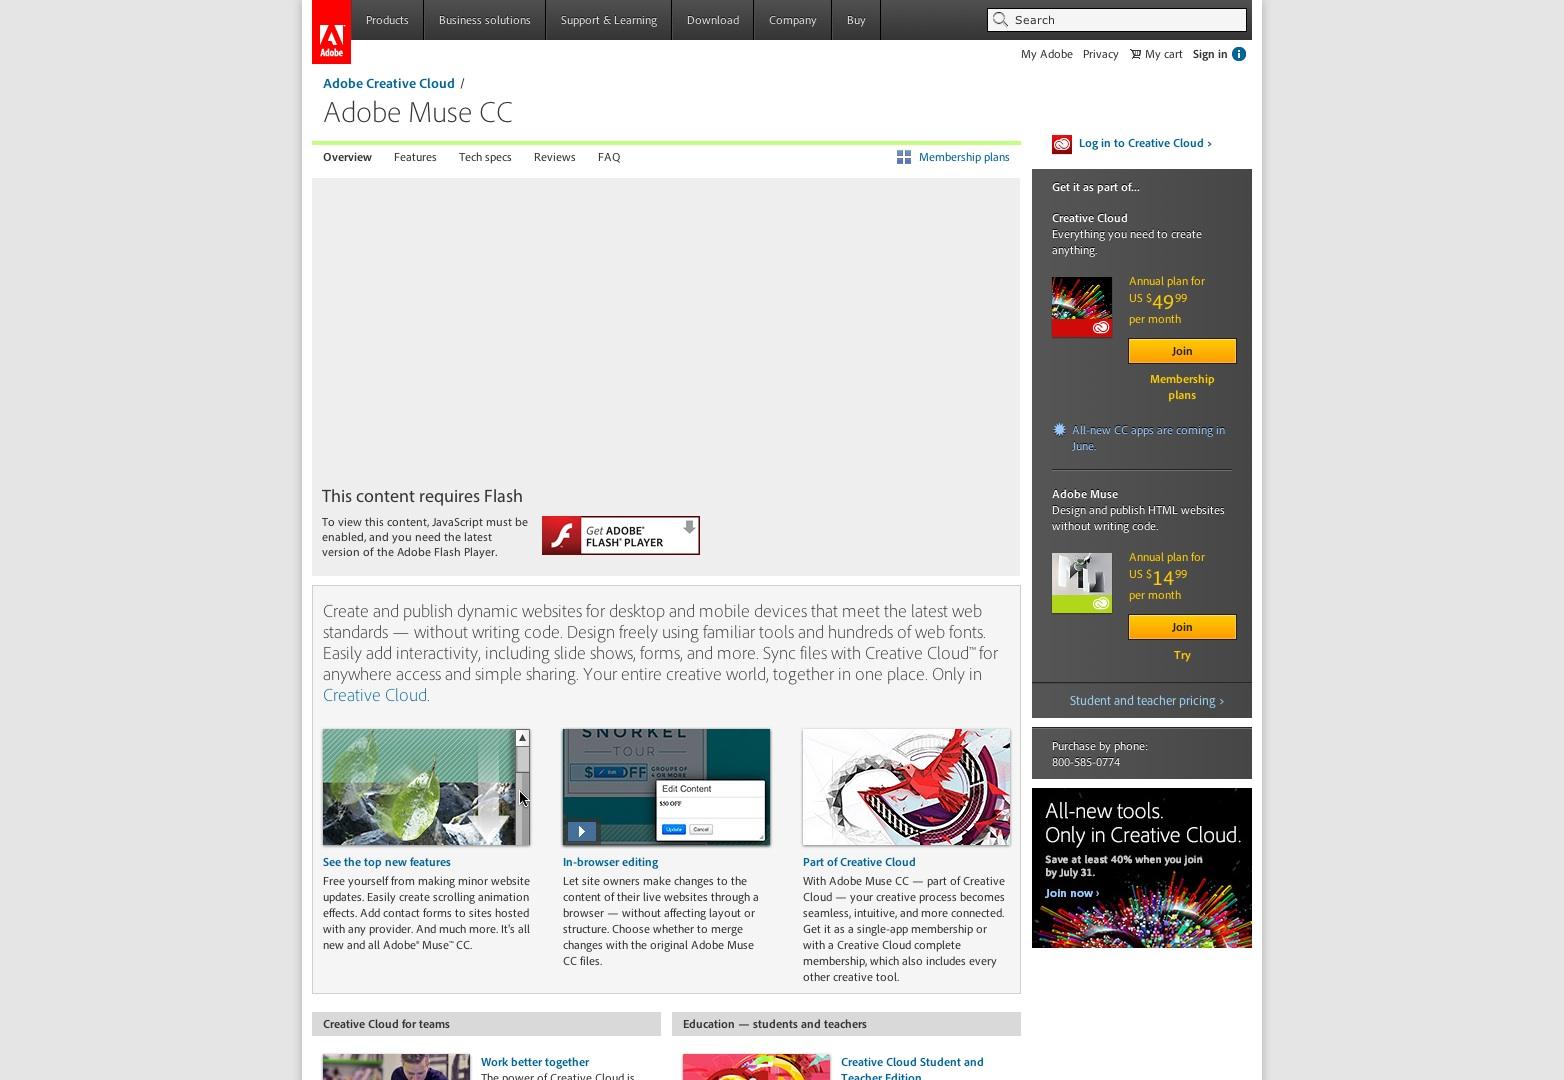 Last ned Adobe Muse CC og opprett et nettsted | Adobe Muse CC